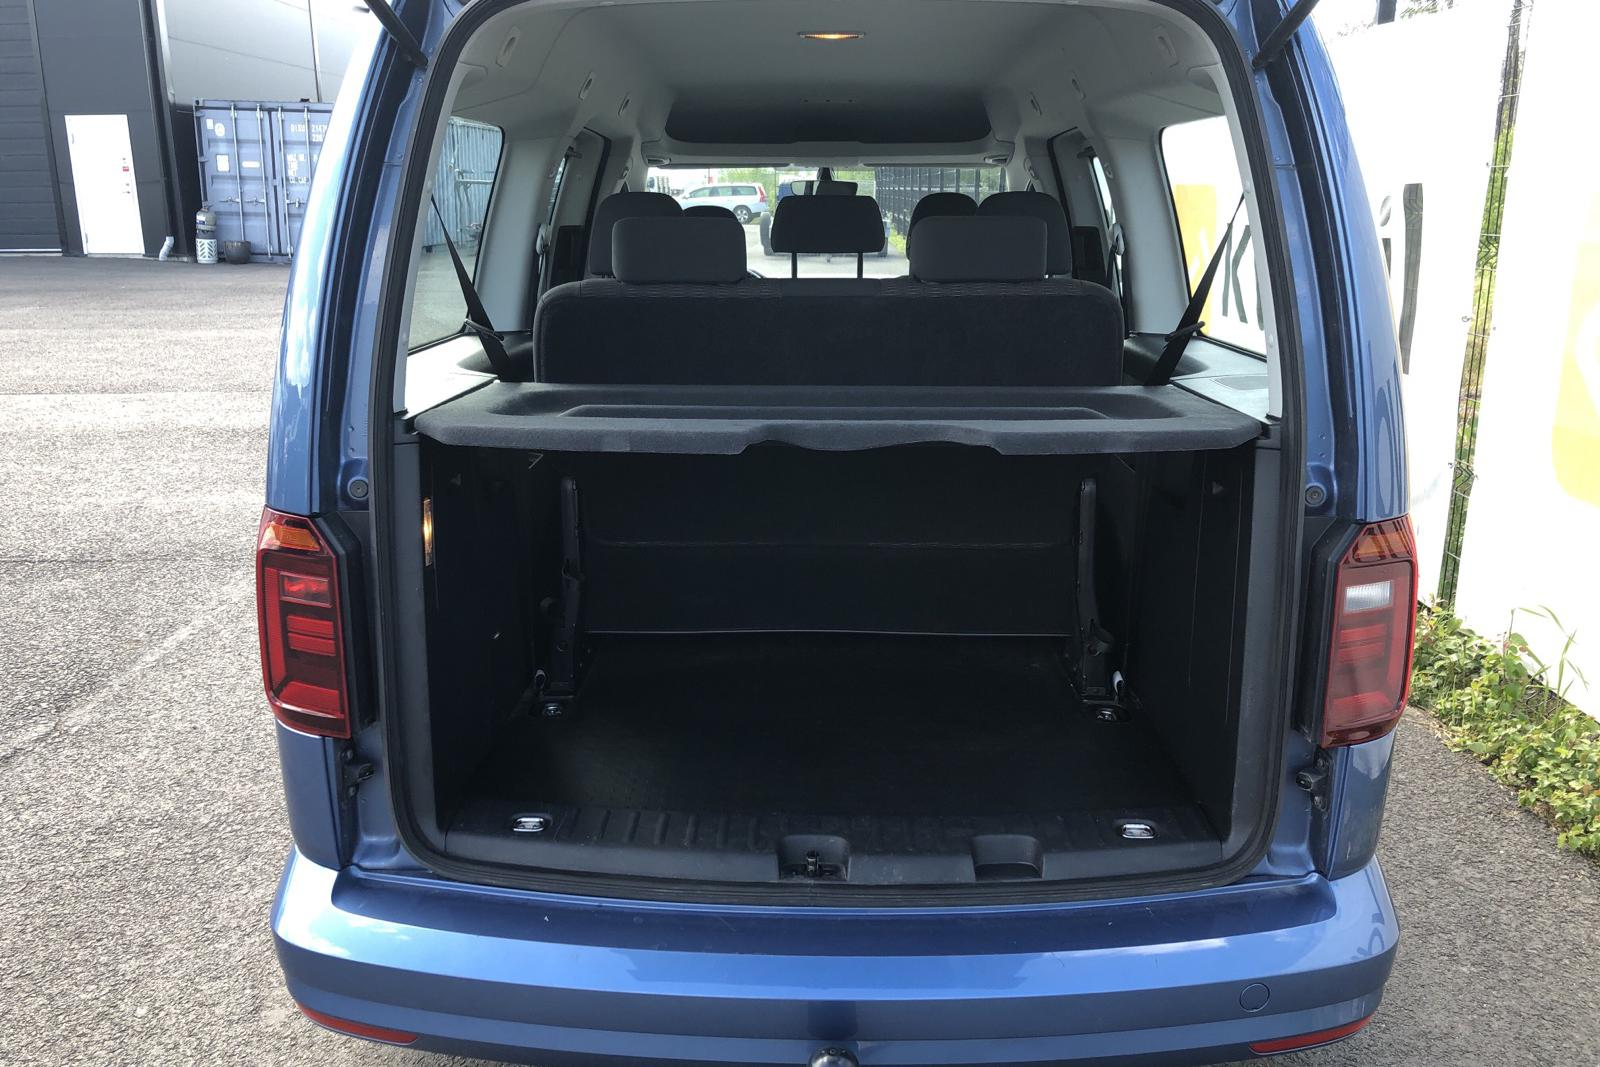 VW Caddy MPV Maxi 2.0 TDI (150hk) - 7 073 mil - Manuell - Light Blue - 2017